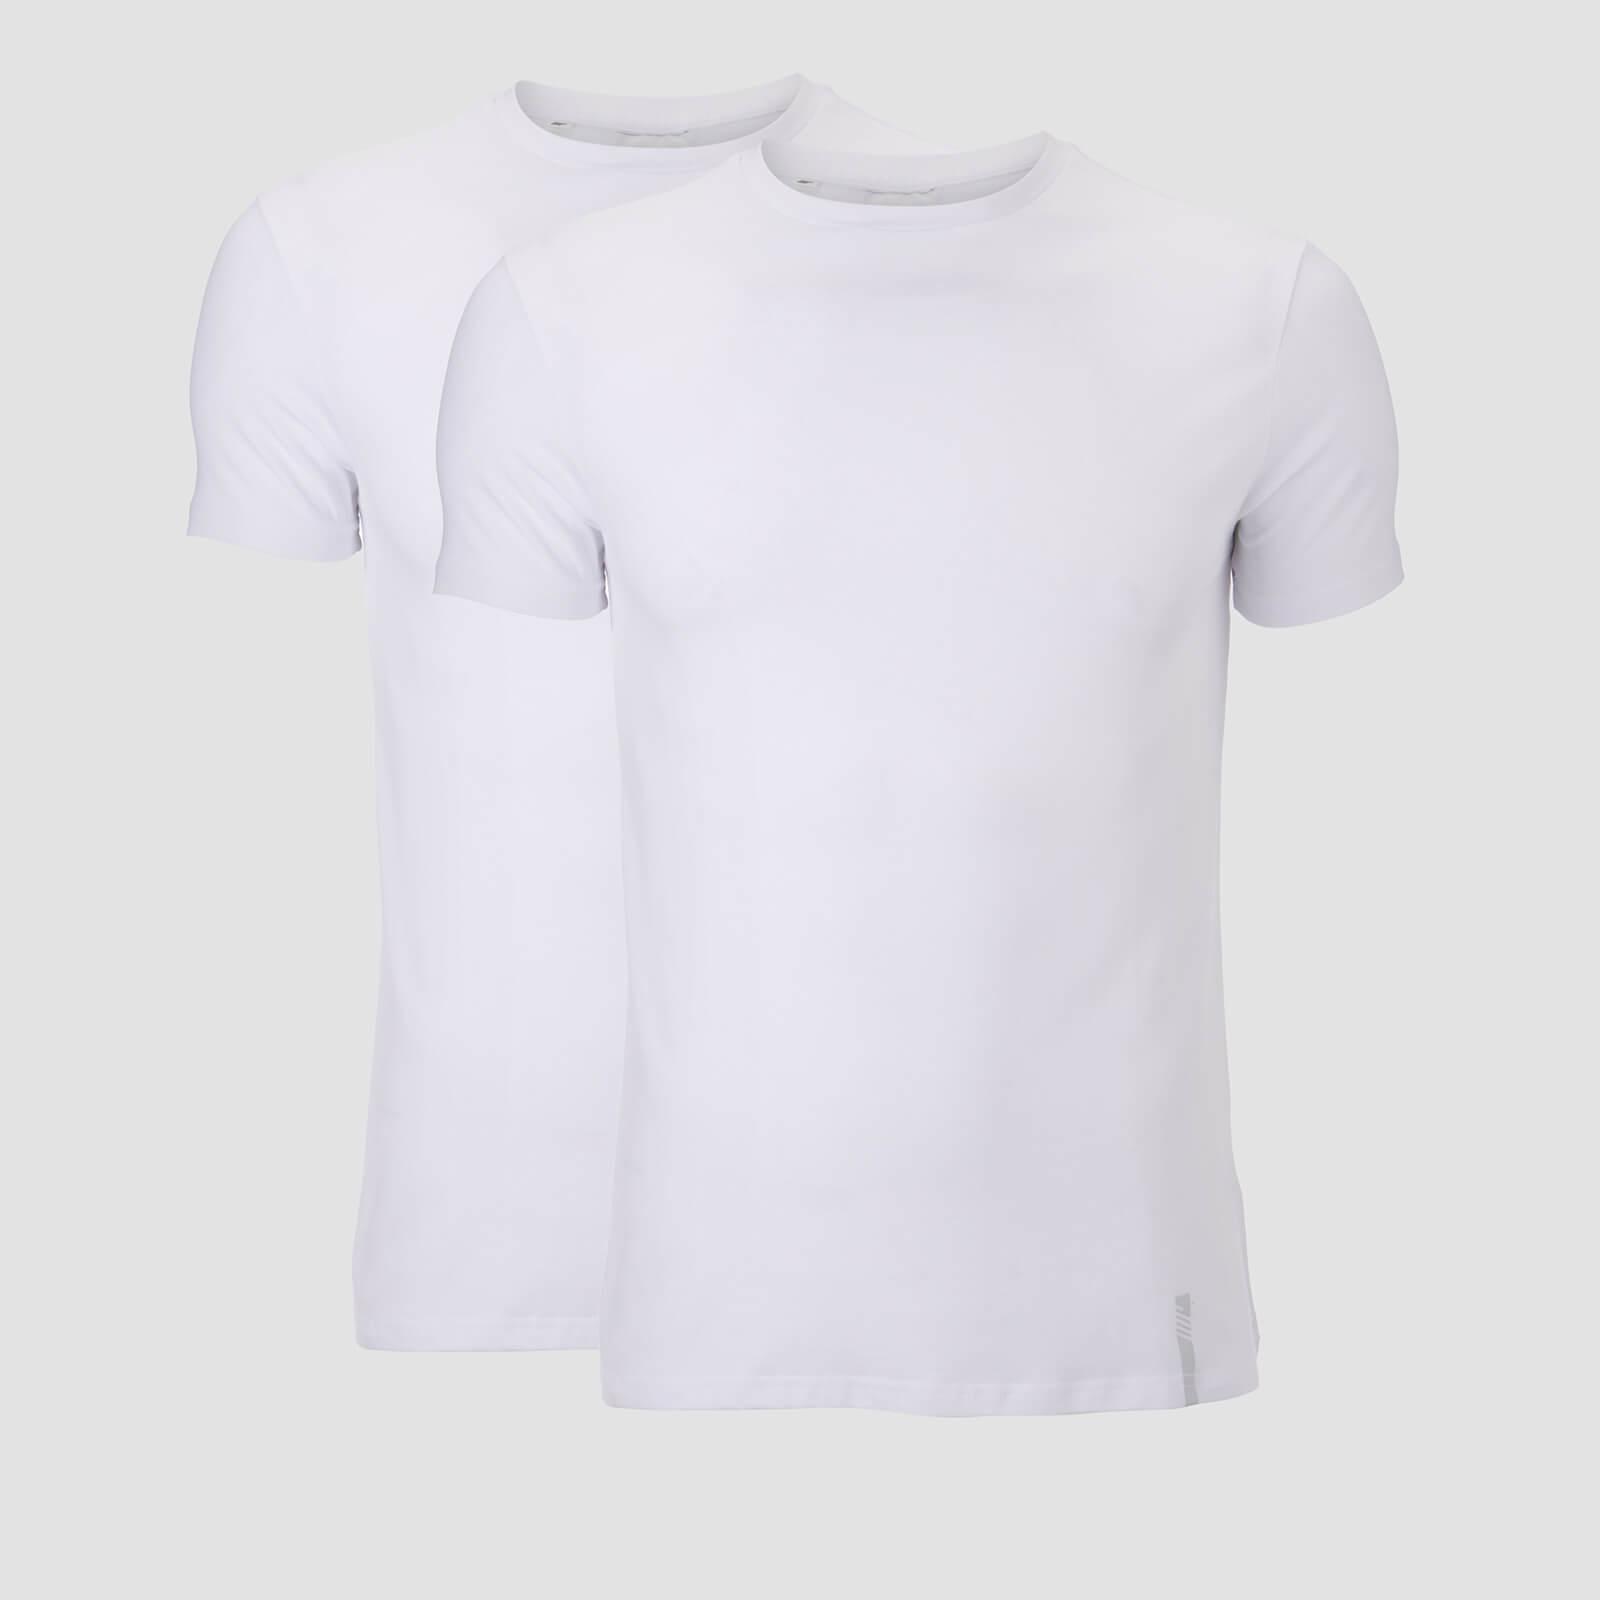 Myprotein Luxe Classic Crew T-Paita (2 Pack) - Valkoinen/Valkoinen - XL